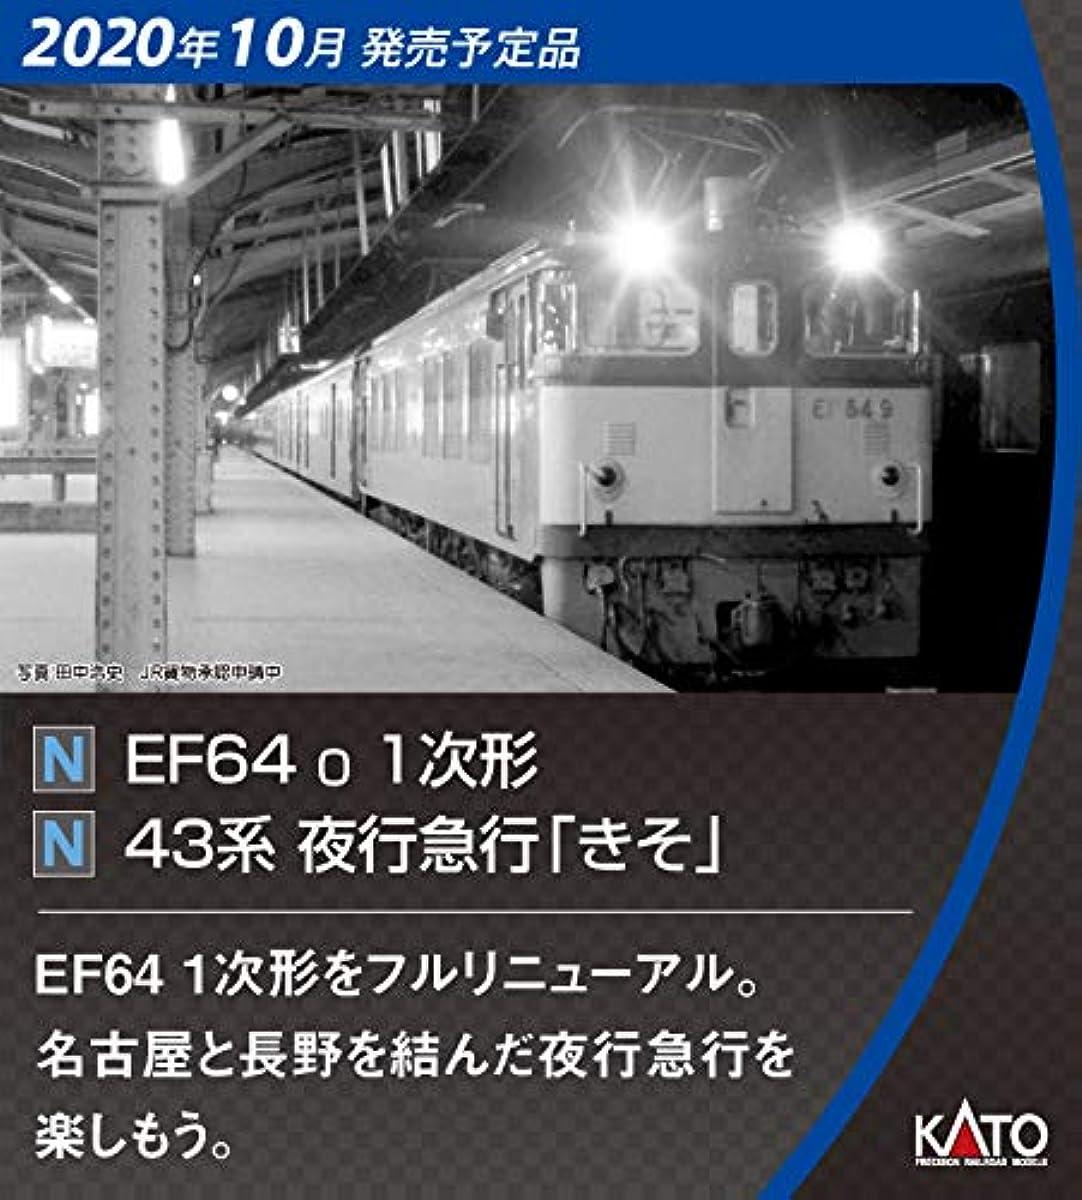 [해외] KATO N게이지 43 계야행 급행「와 #」 6 양기본 세트 10-1623 철도 모형 객차